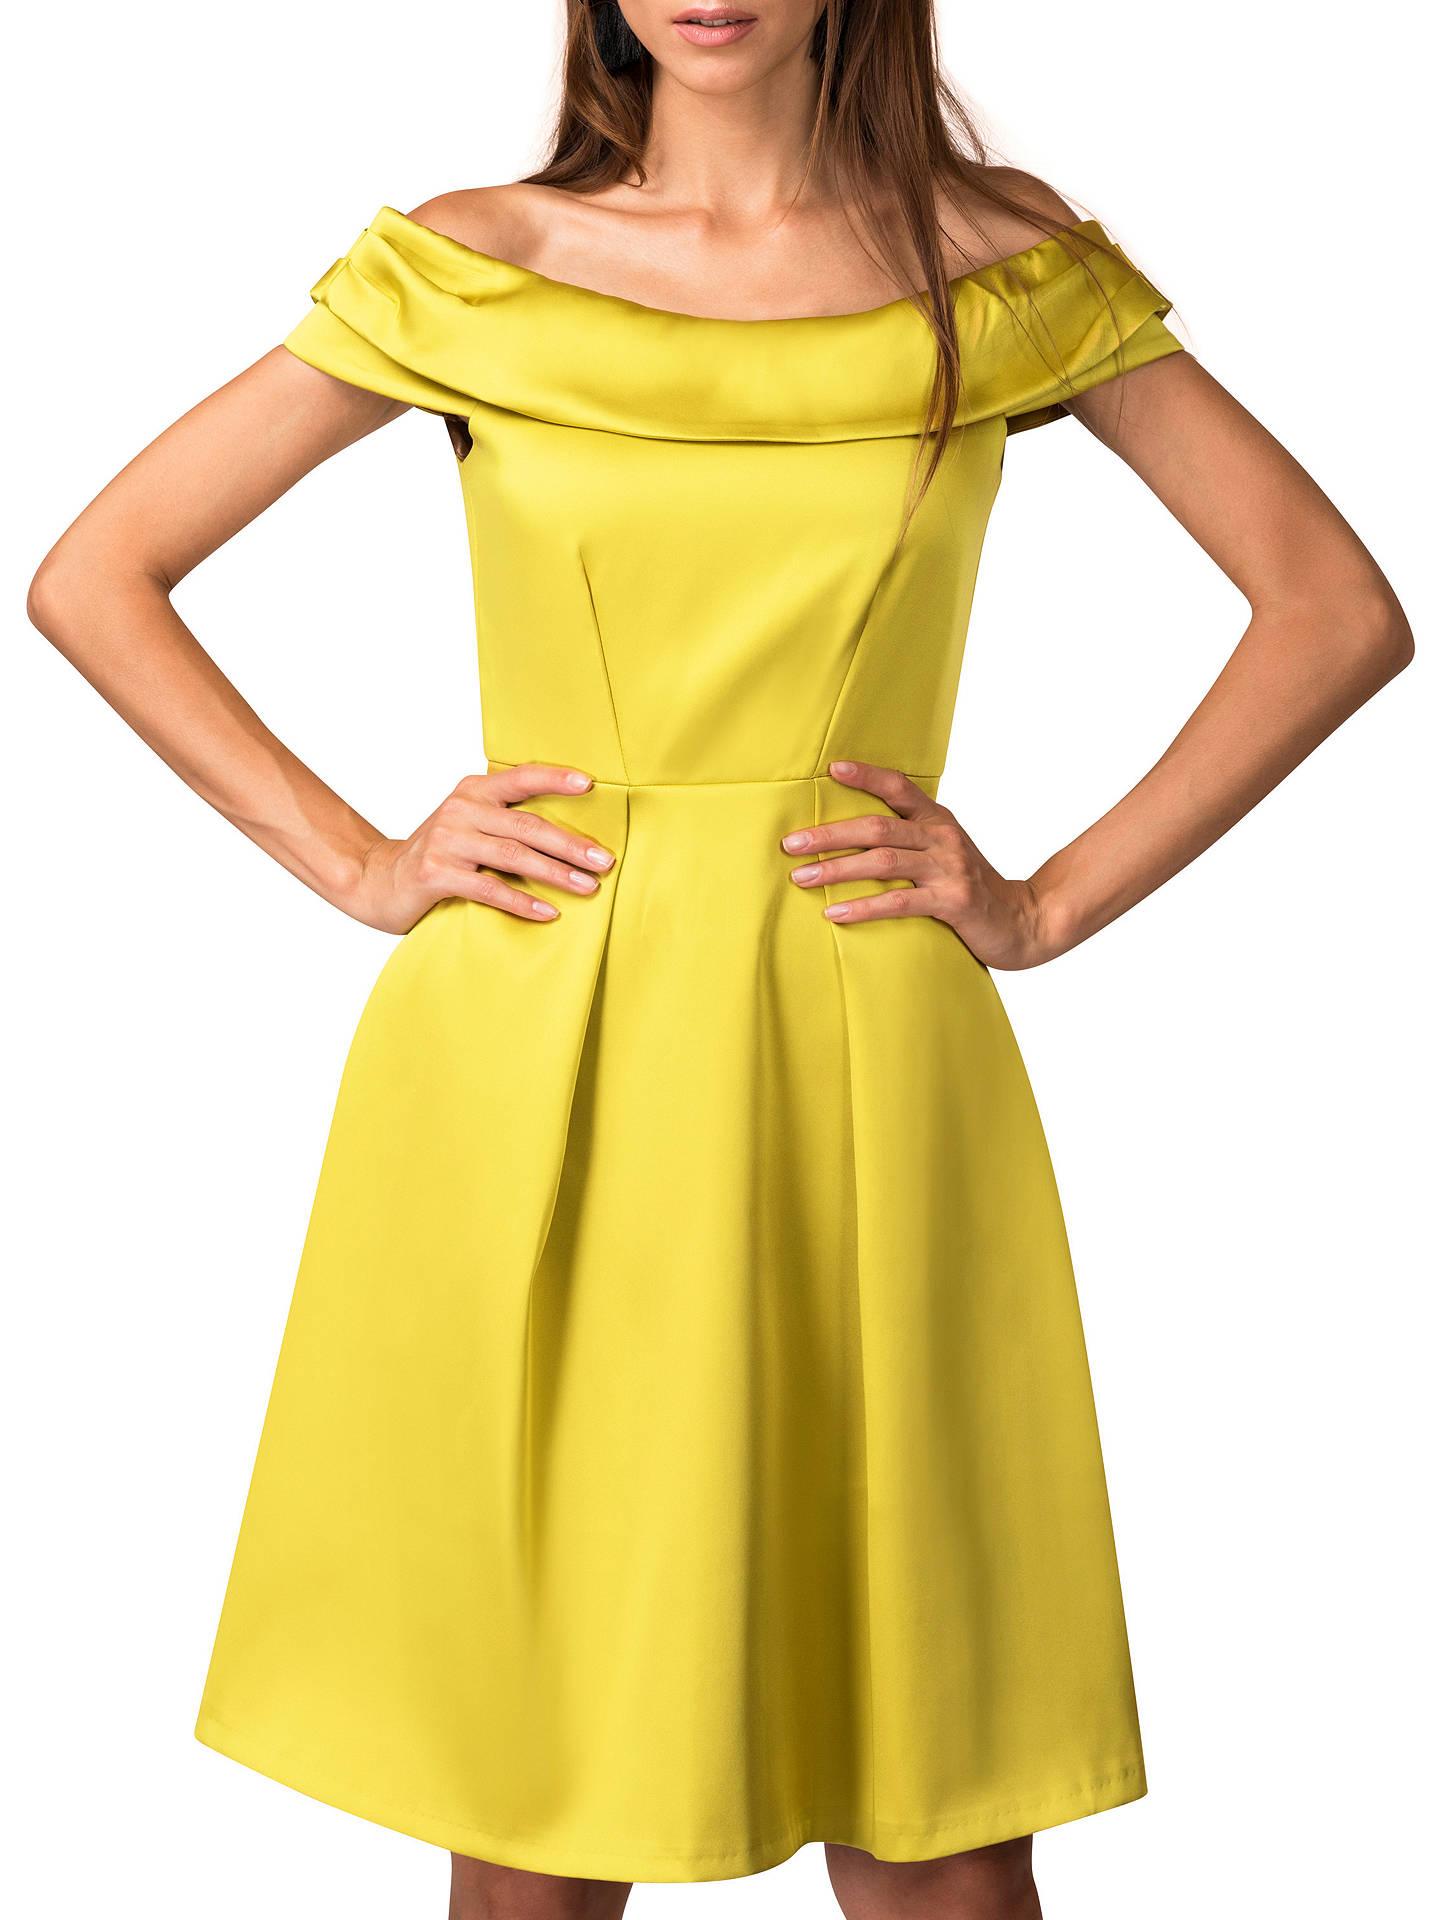 b738a169d6b4 Buy Closet Off The Shoulder Dress